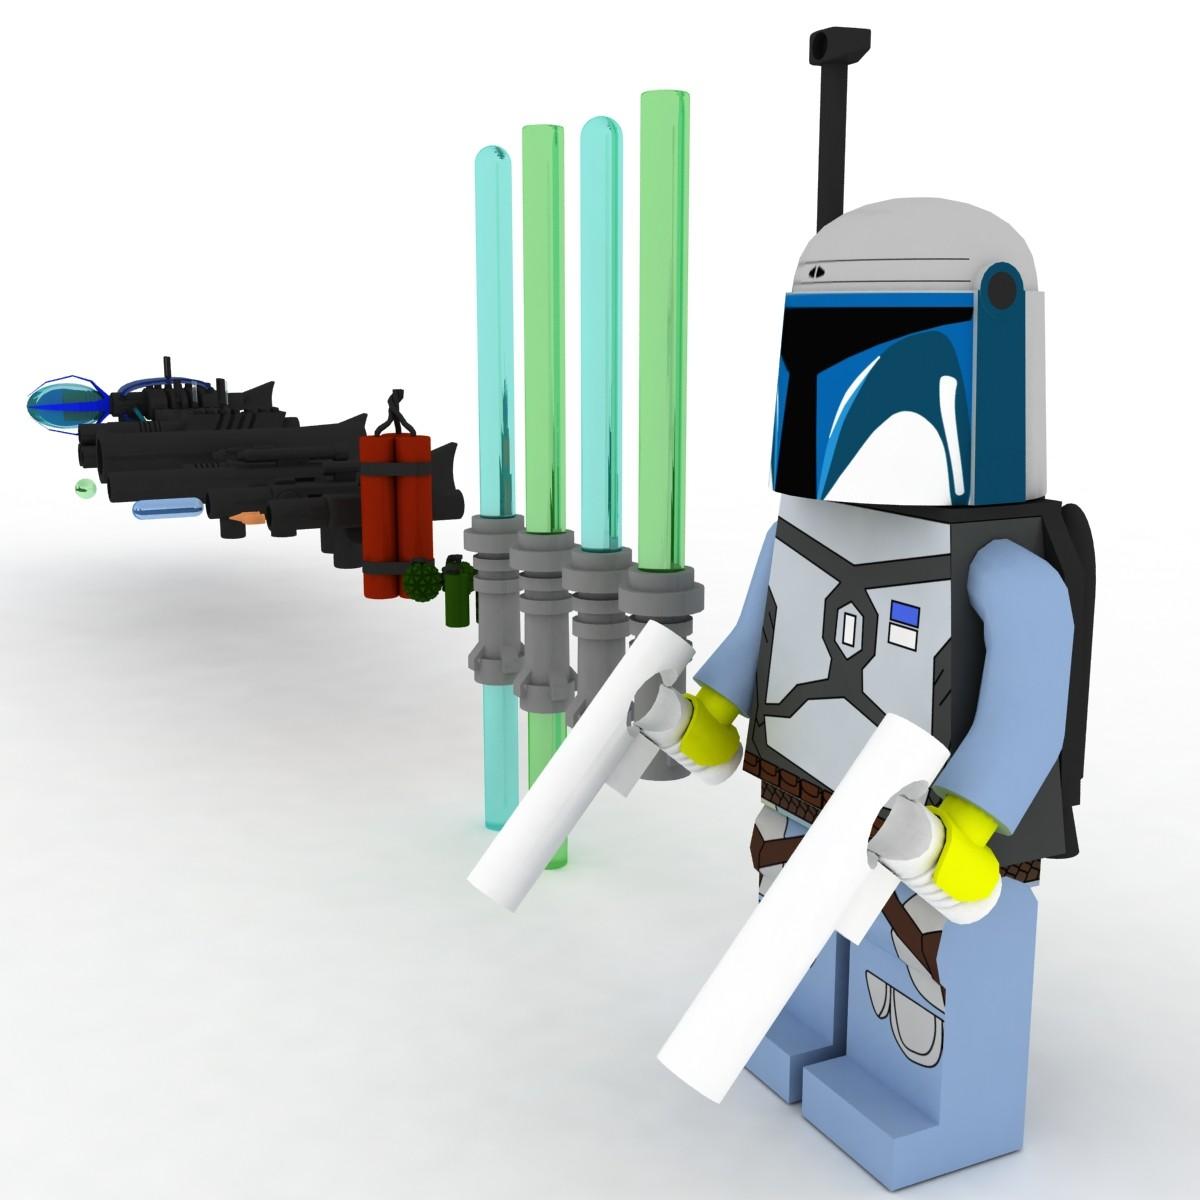 LEGO Boba Fett and a gun Collection Preview_0000.jpg